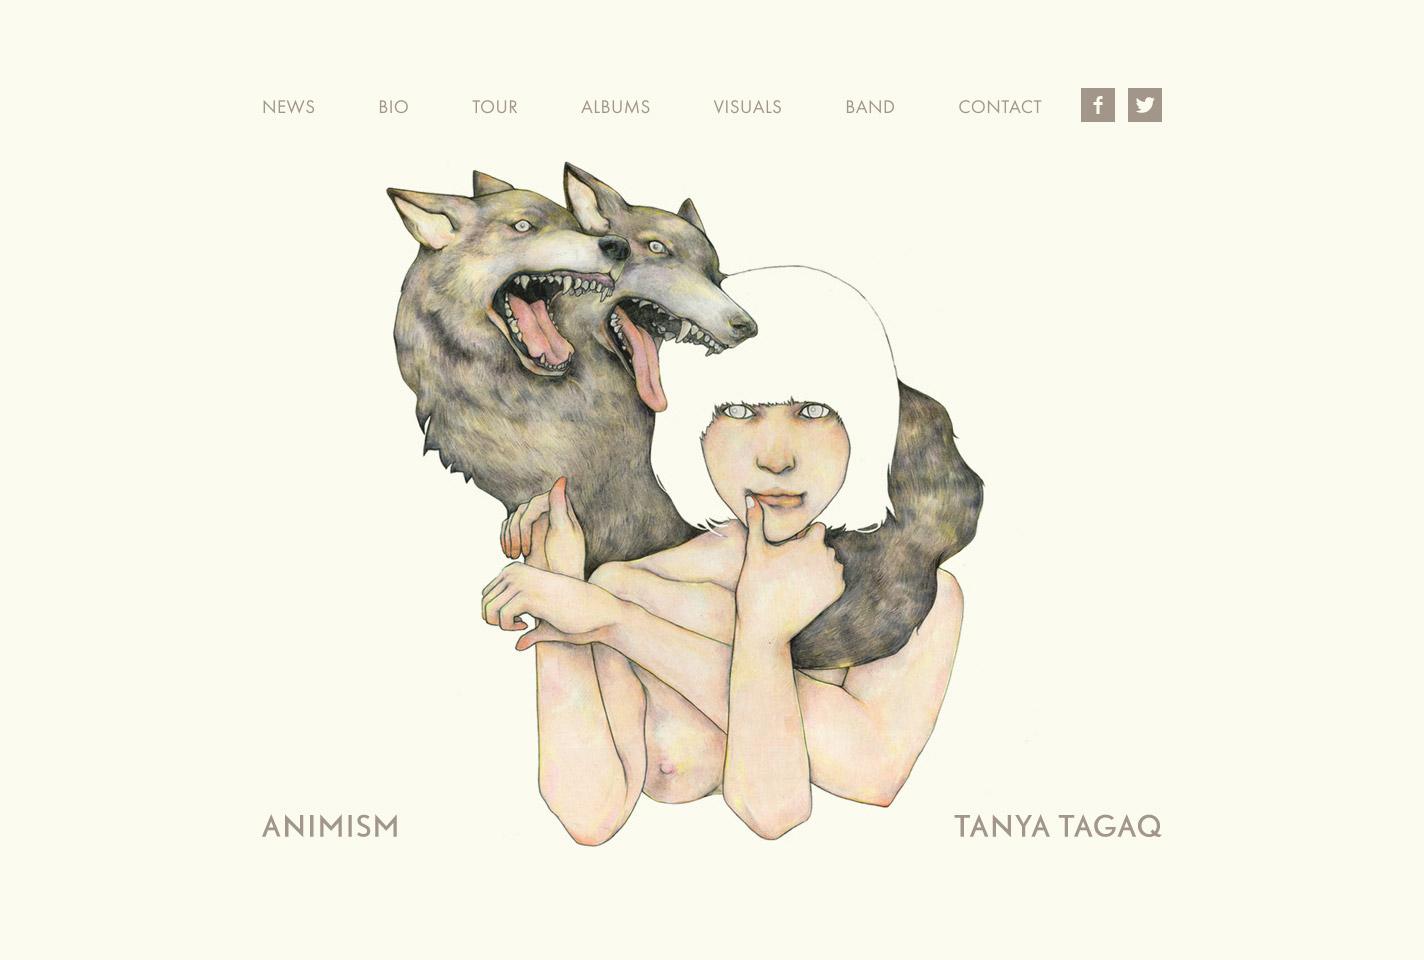 Tanya Tagaq home page